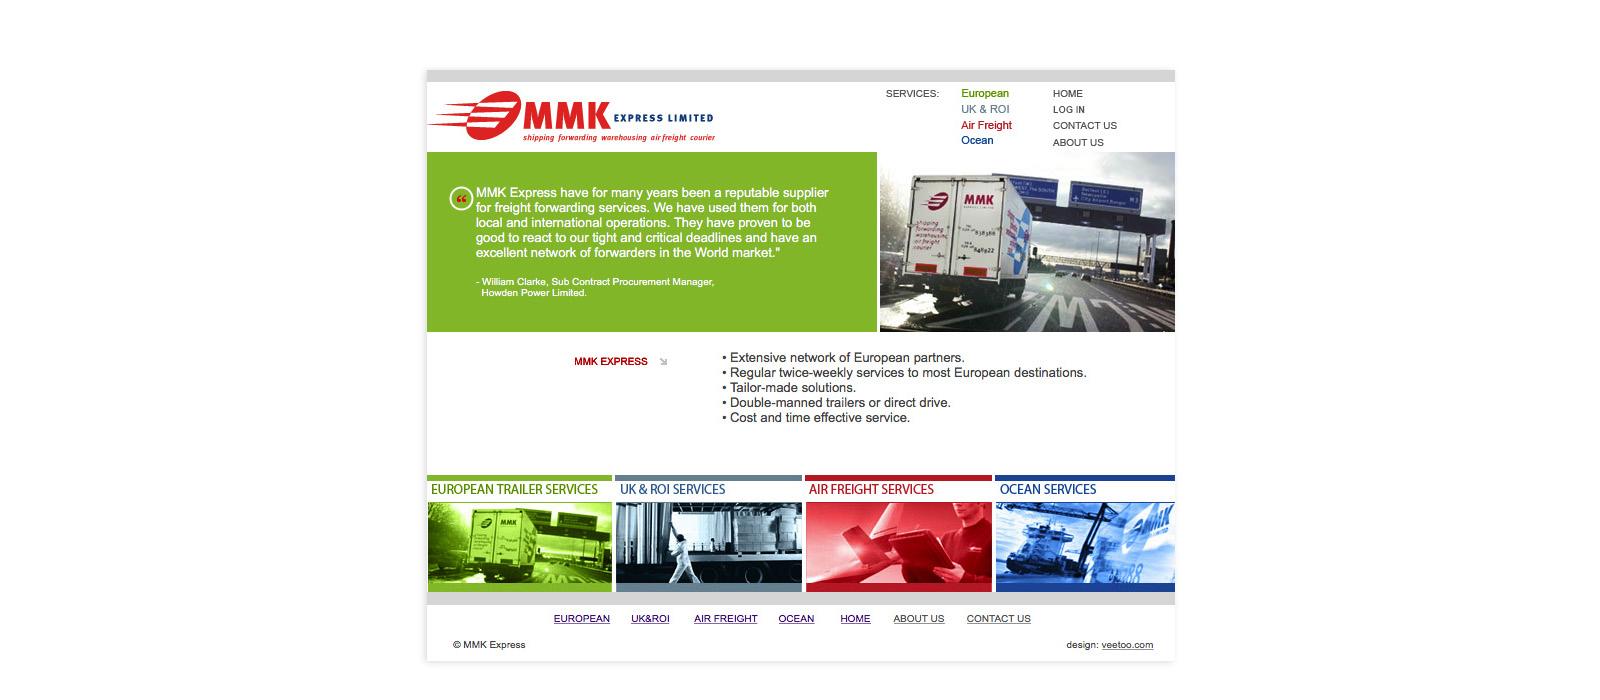 Web design Belfast portfolio - mmk 2.